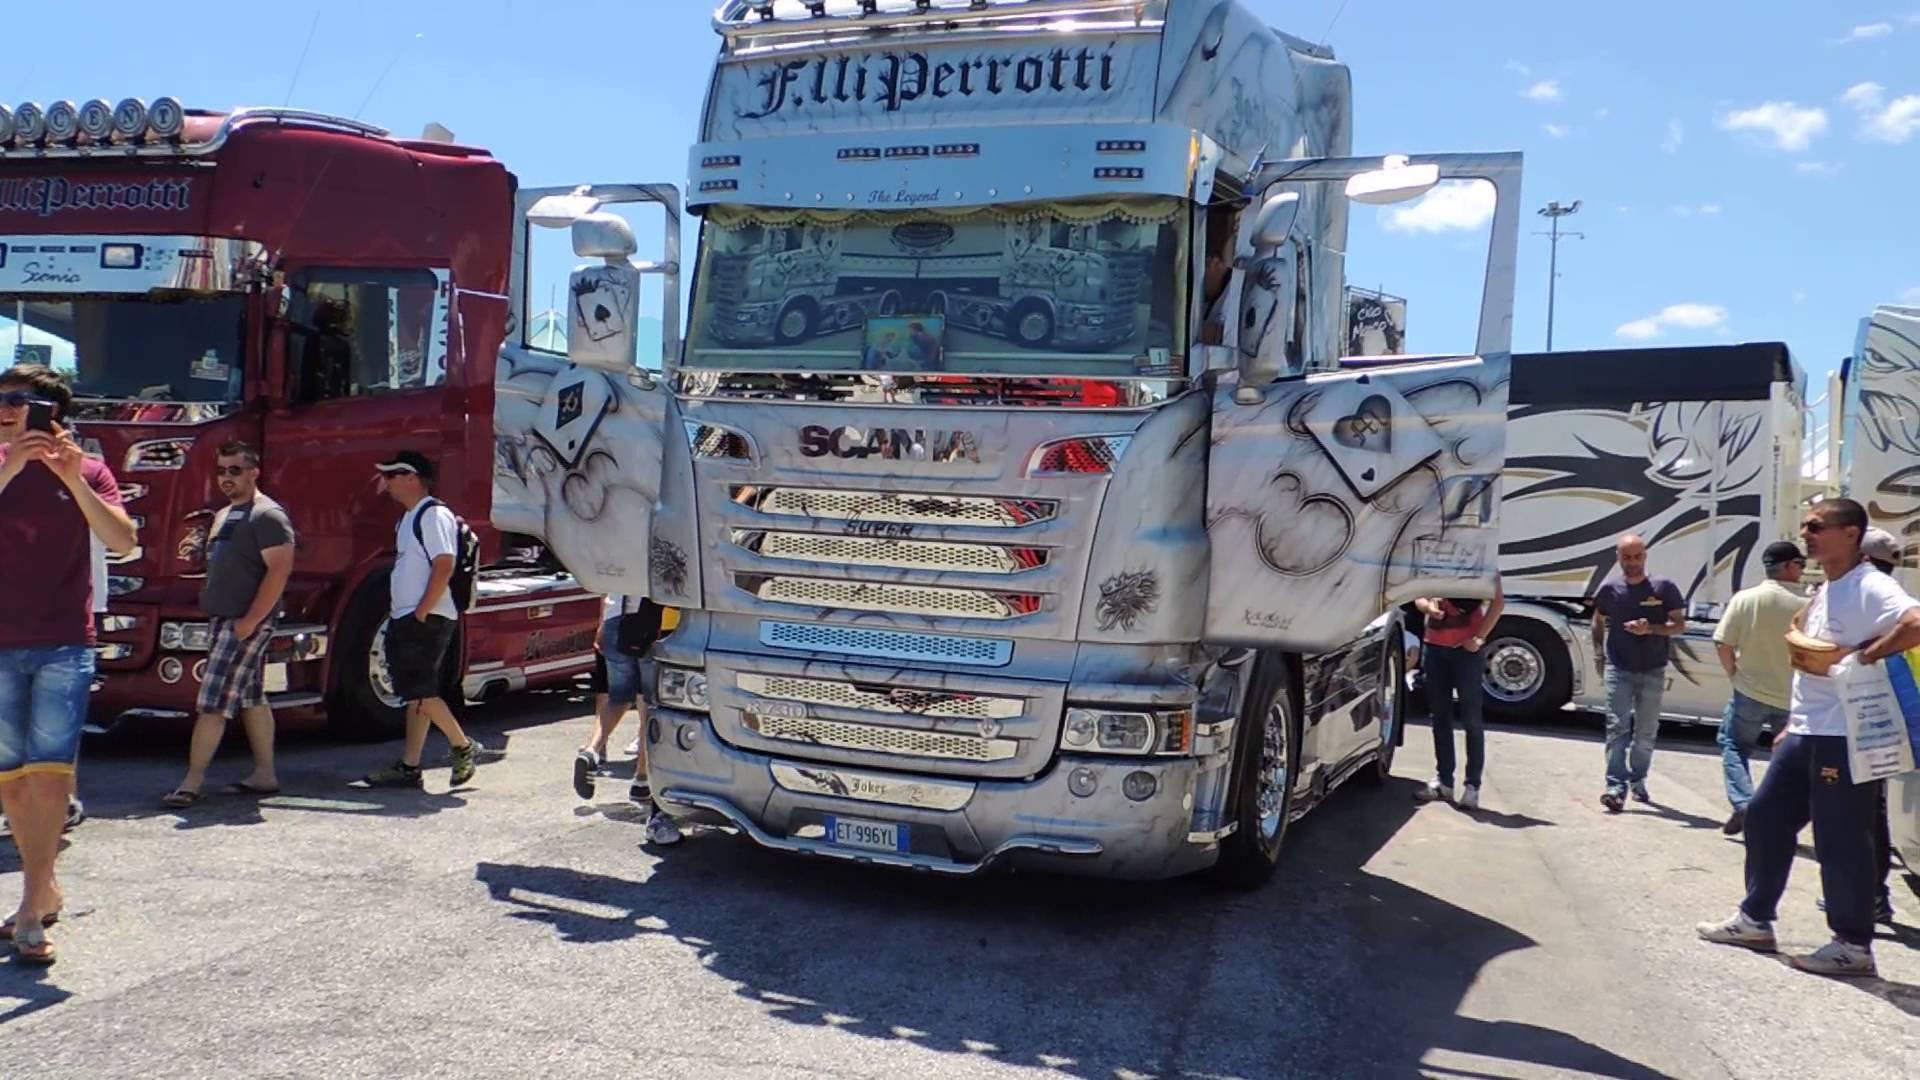 Tuning joker professione camionista - Foto di grandi camion ...